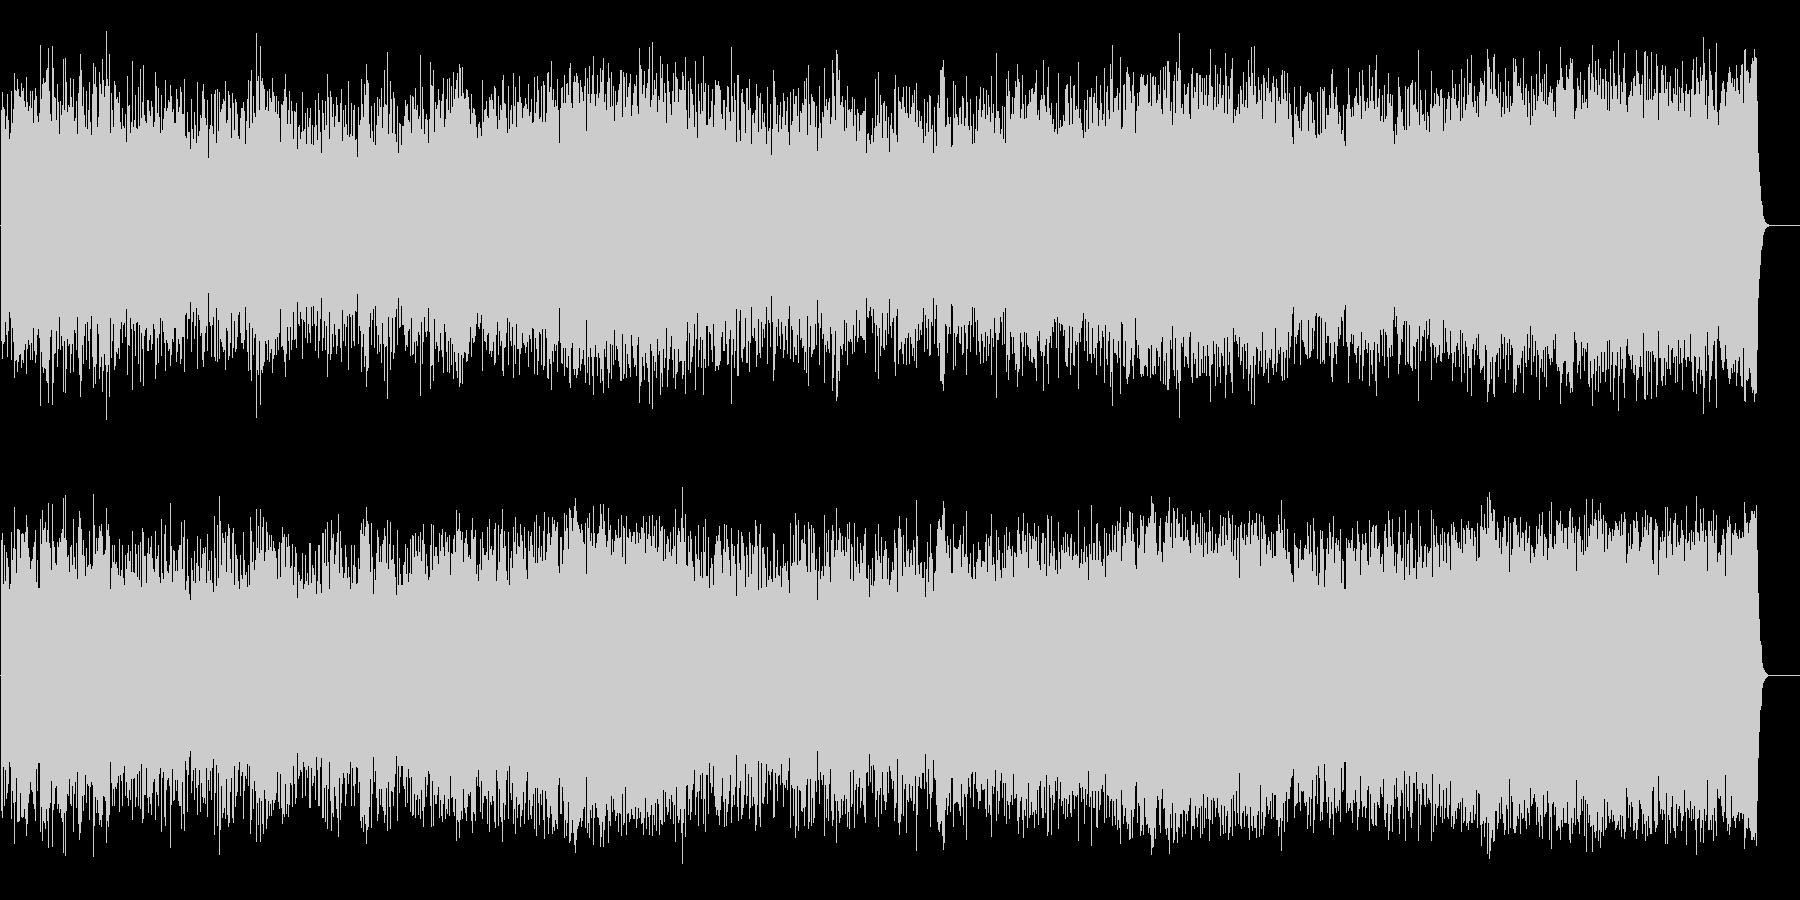 ポップ/ロック(オープニング向け)の未再生の波形